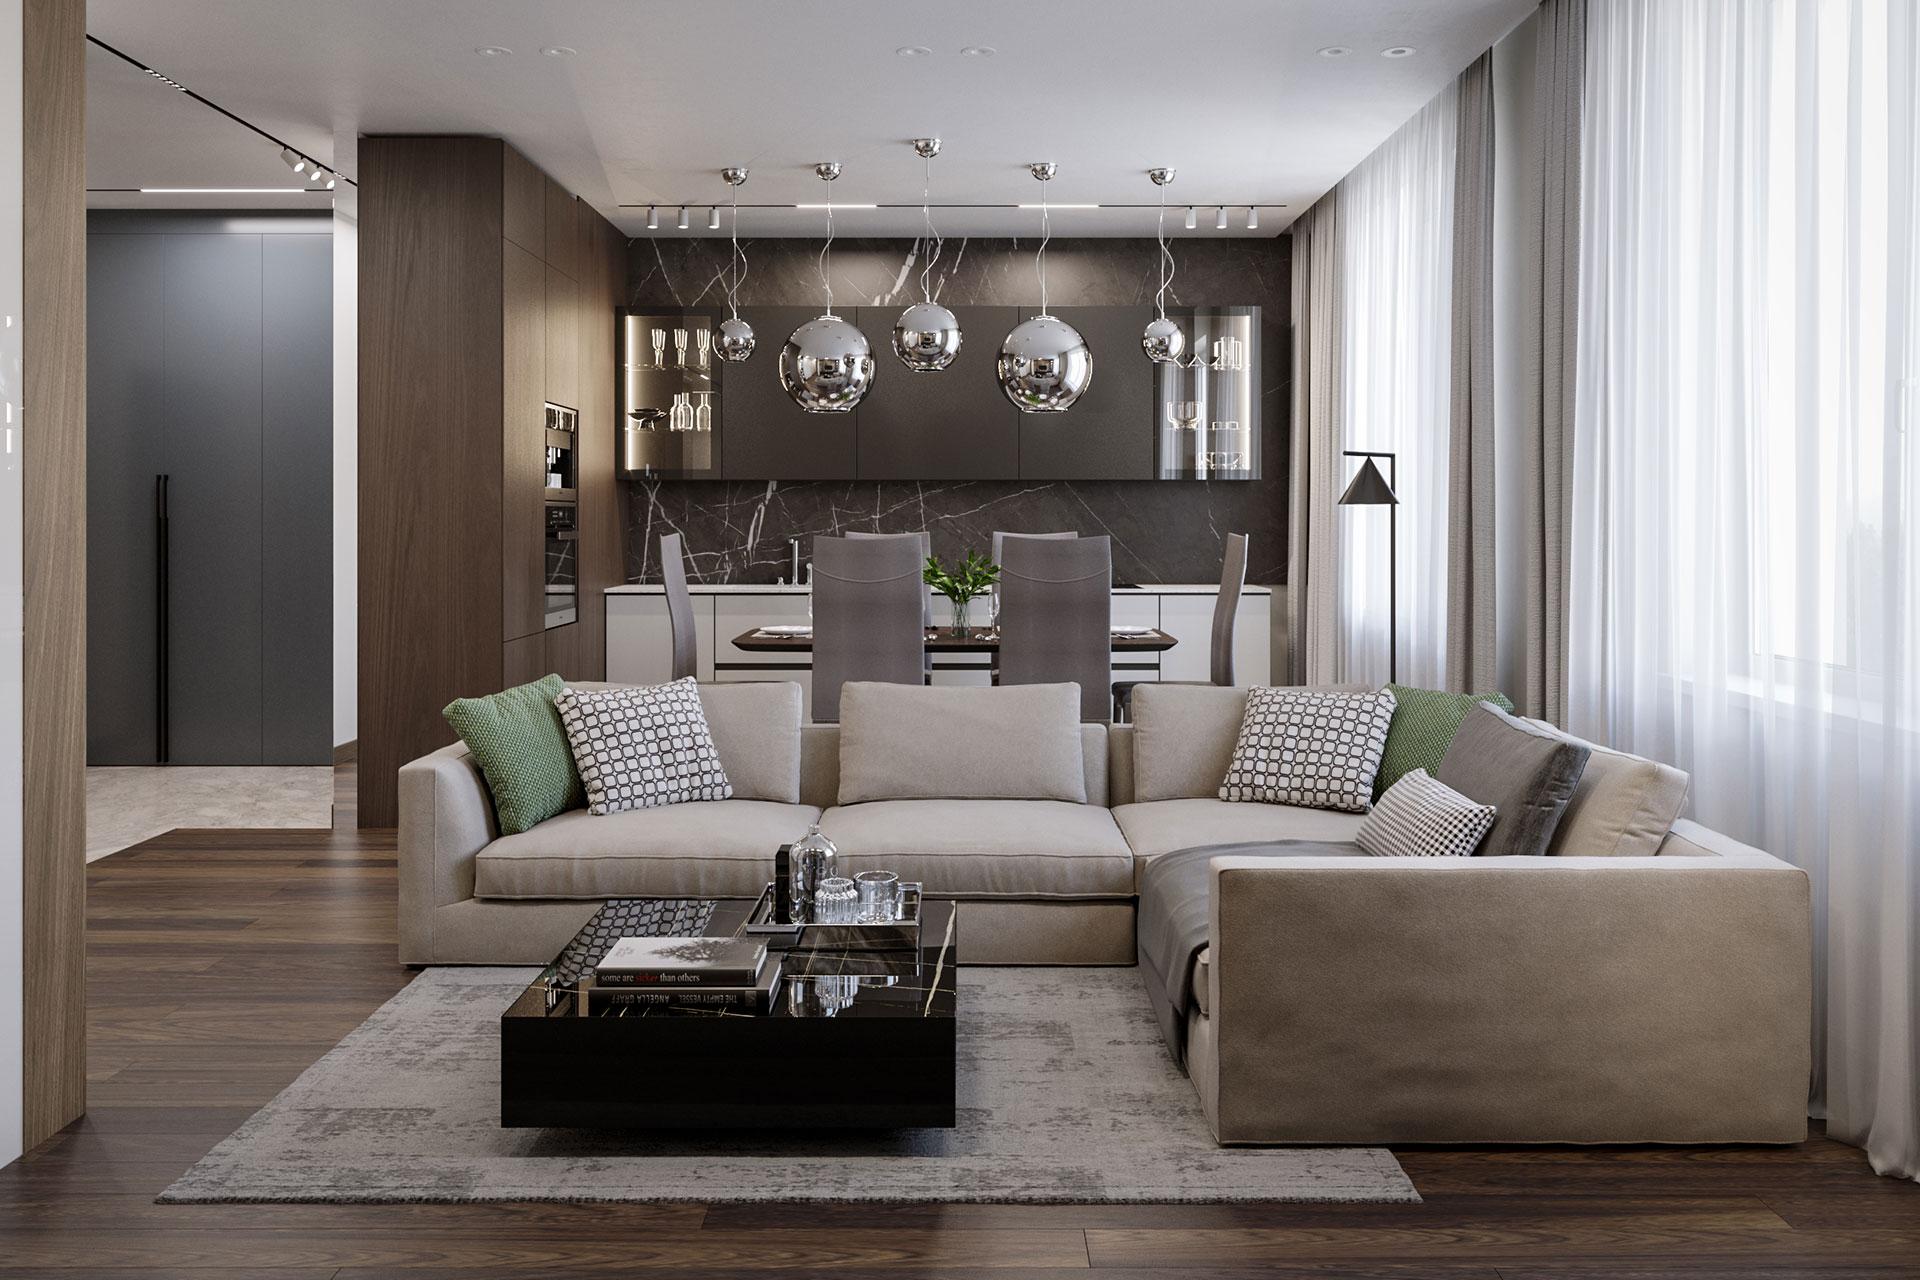 Дизайн интерьера квартиры в ЖК Город на Реке Тушино-2018